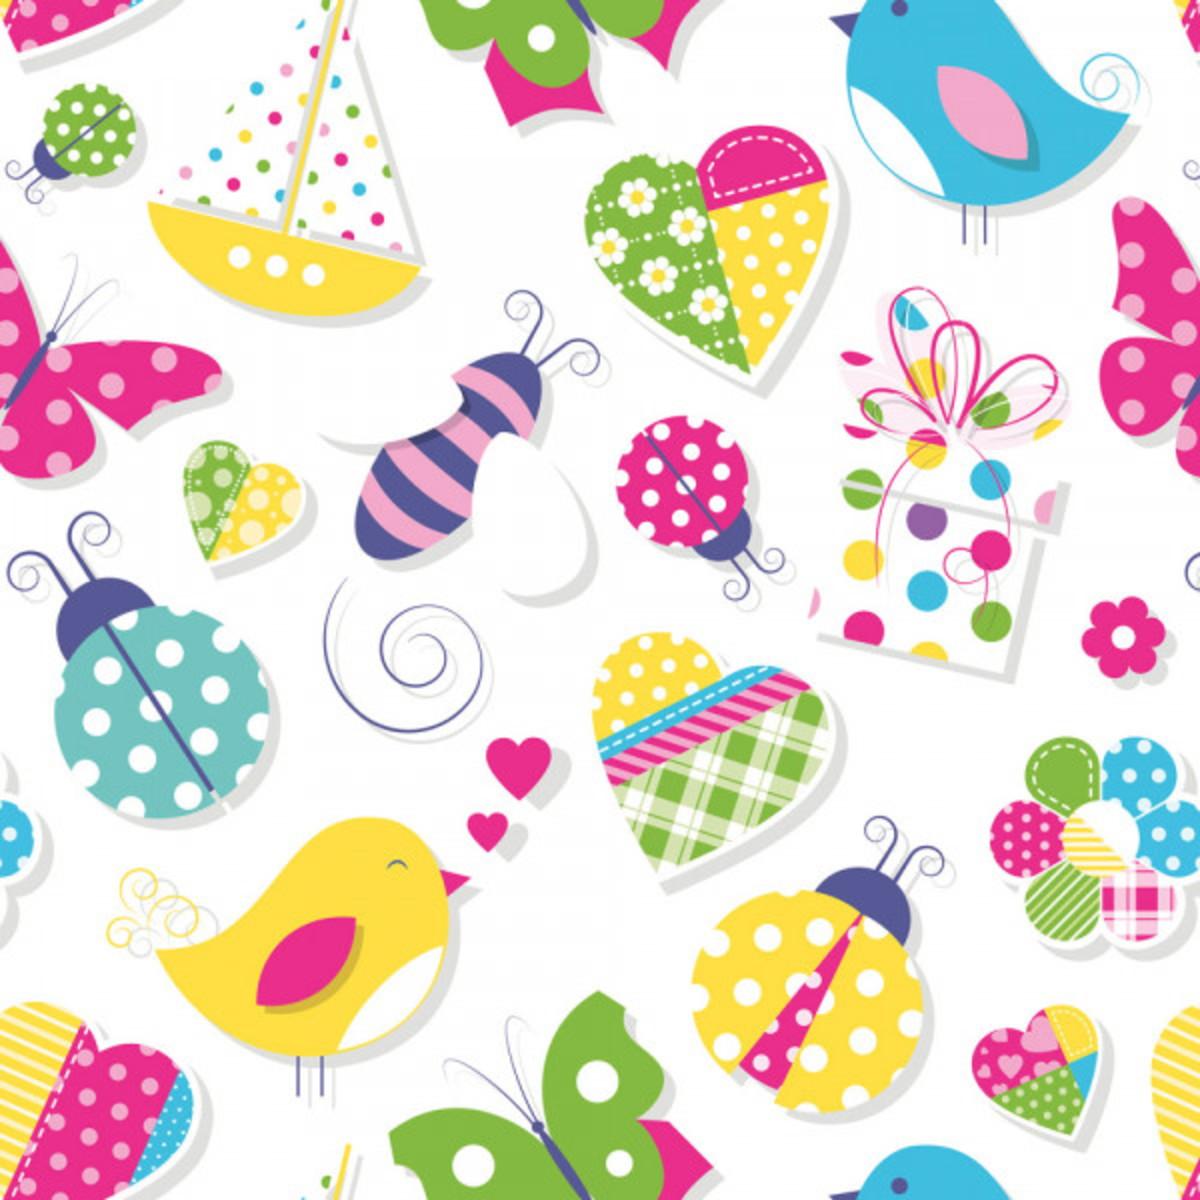 Papel de parede ambiente crian a adesivo infantil colorido - Papel infantil para paredes ...